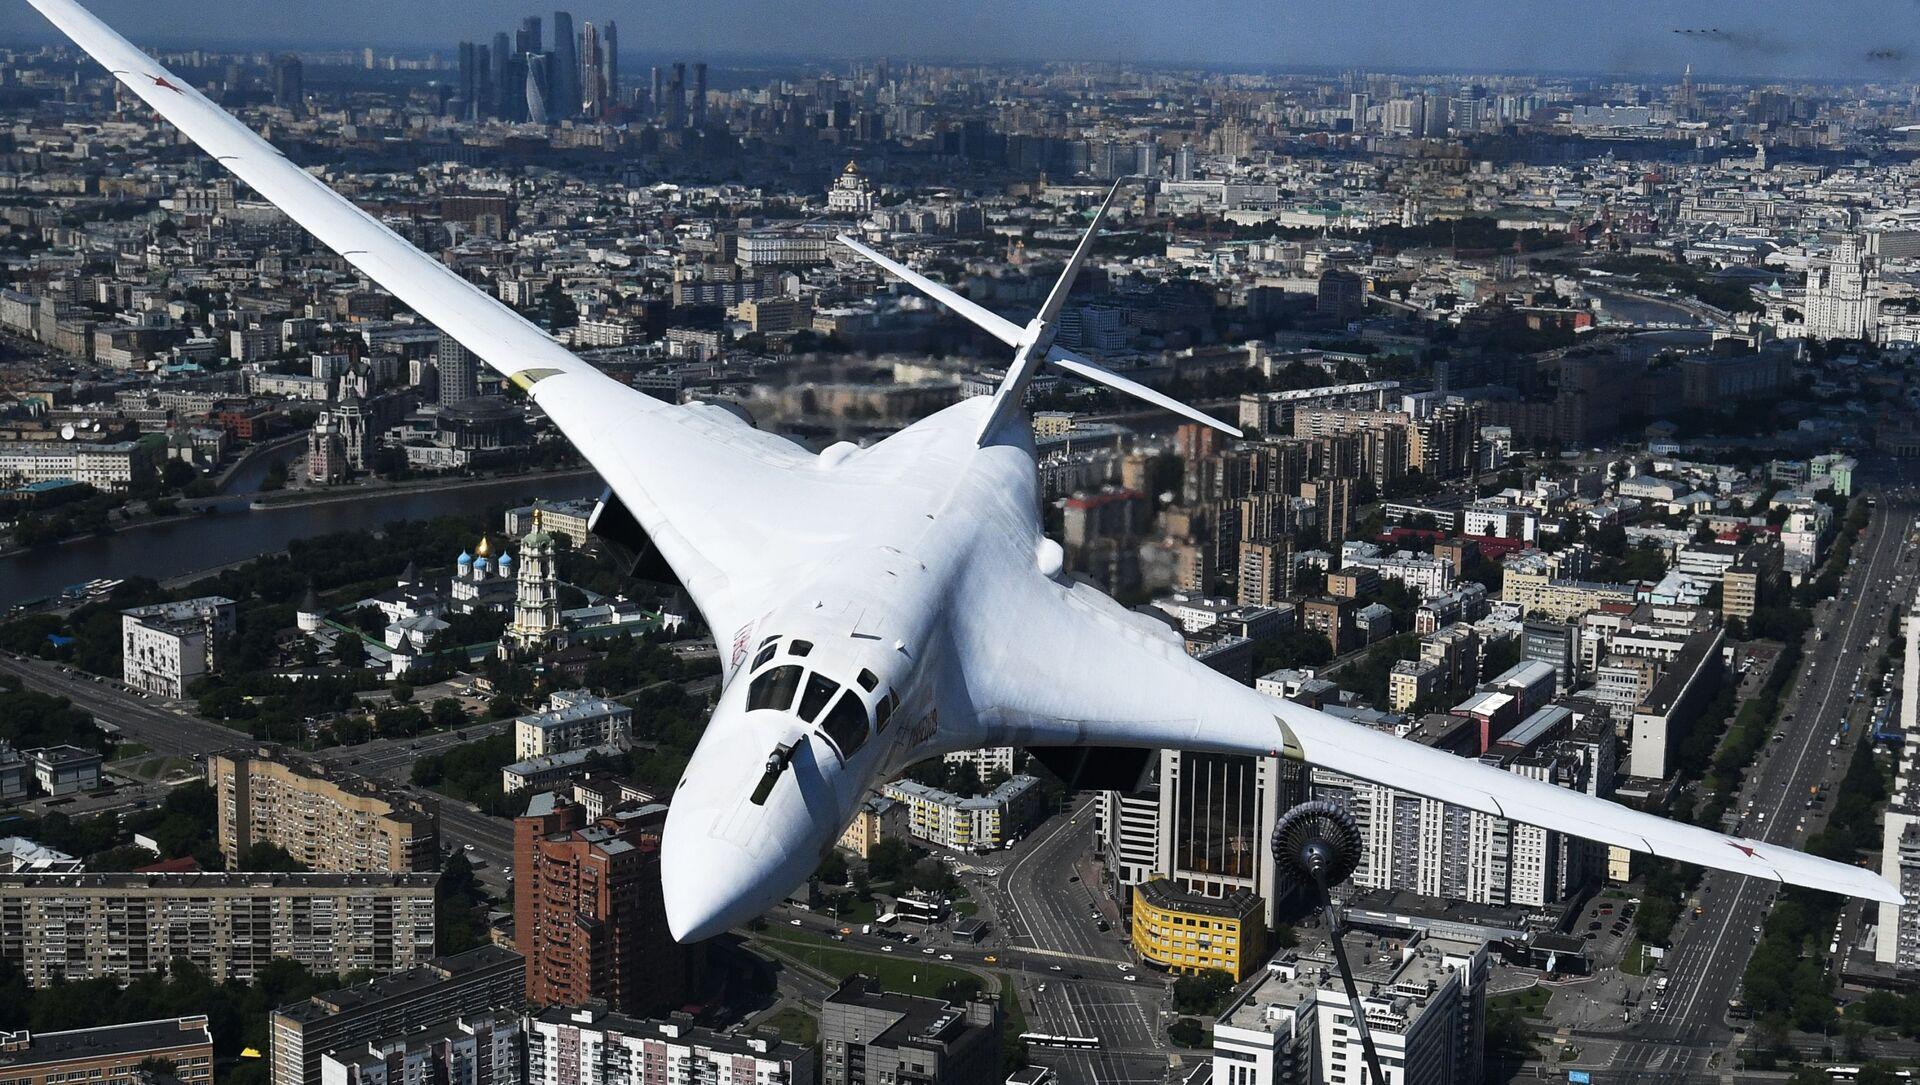 Máy bay ném bom Tu-160 tại Cuộc diễu hành quân sự kỷ niệm 75 năm Chiến thắng ở Moskva - Sputnik Việt Nam, 1920, 17.09.2021